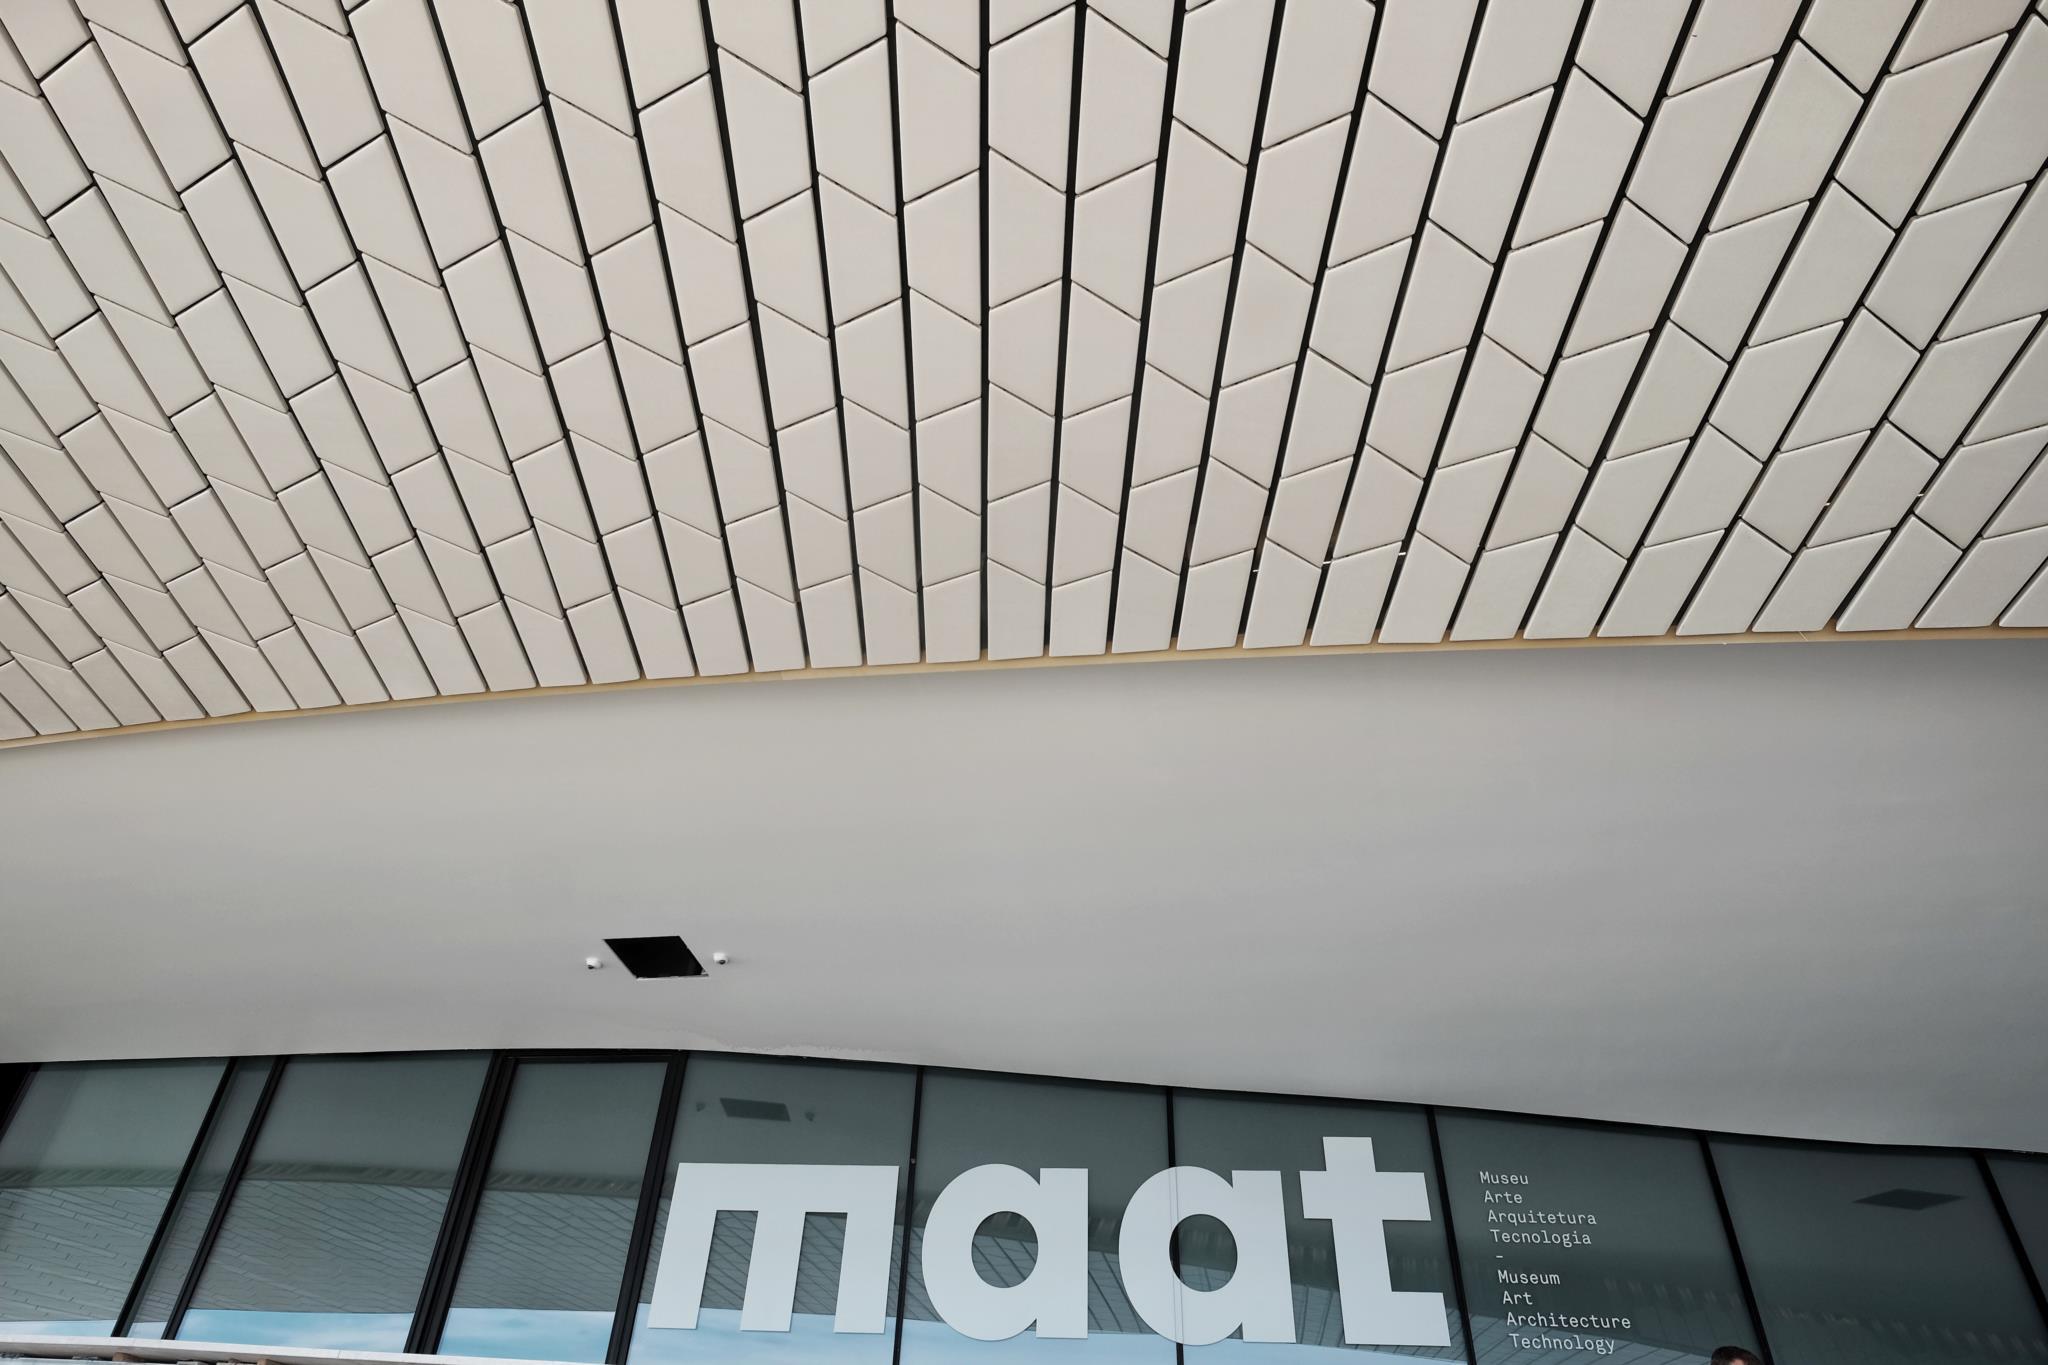 PÚBLICO - MAAT abre galerias em Março, mas ponte pedonal deverá chegar com atraso